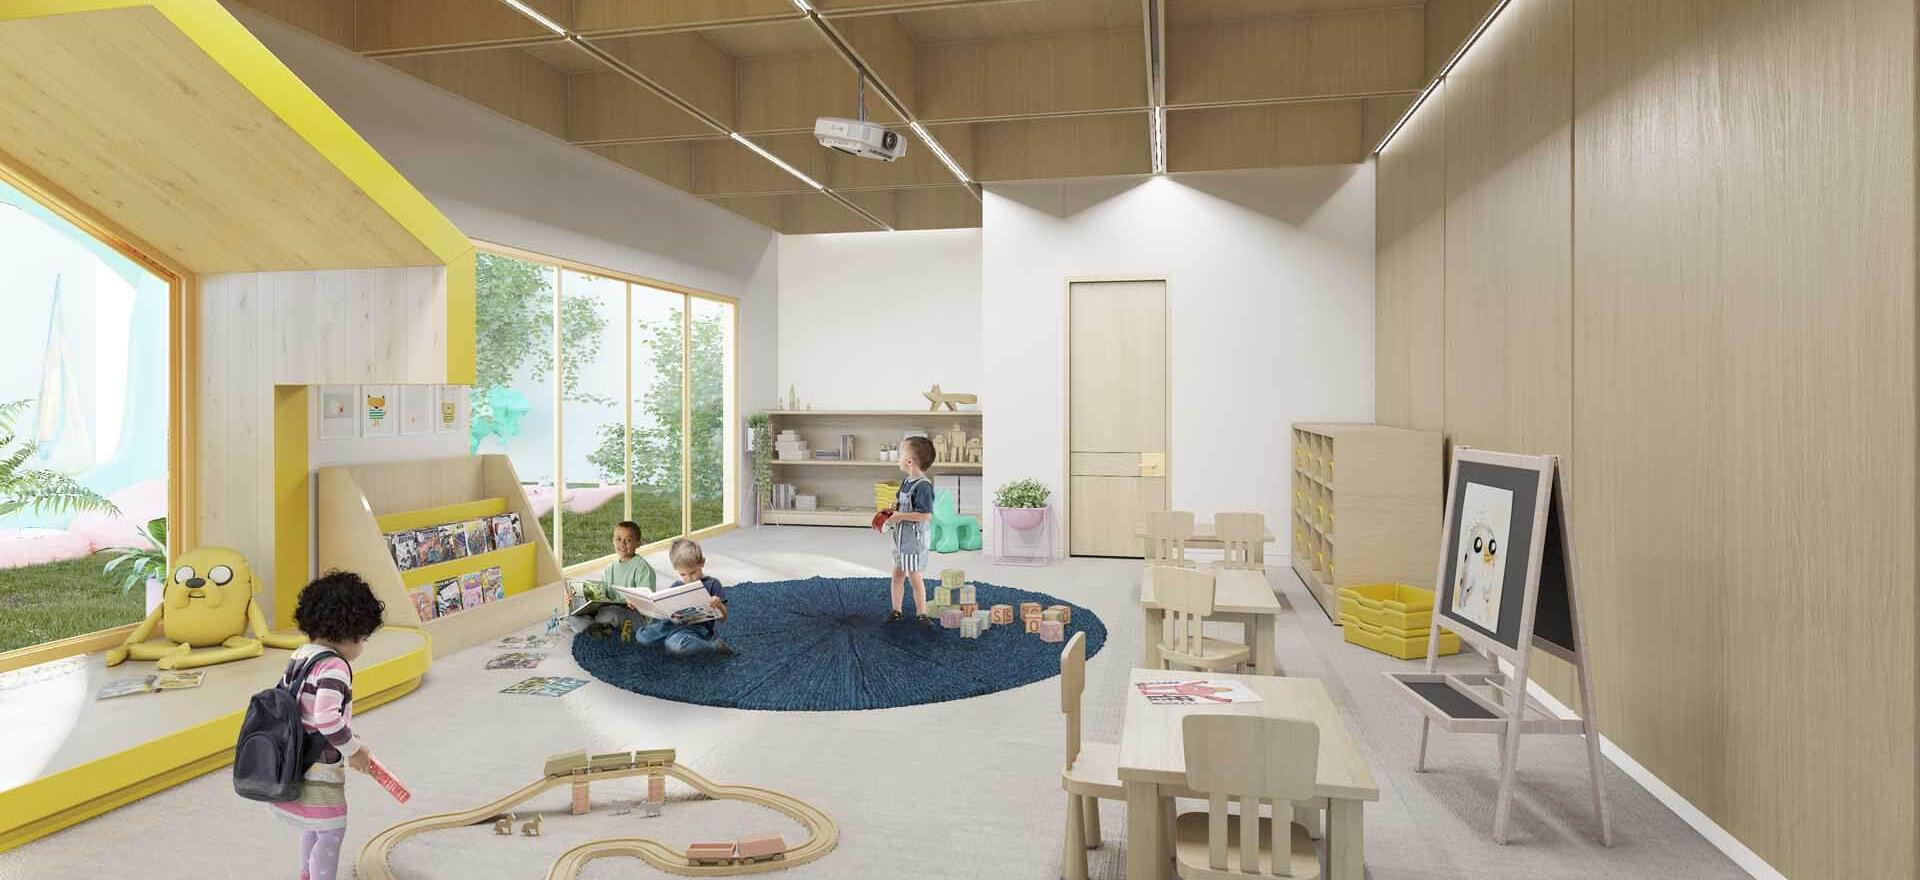 Proyecto de diseño y construcción de interiores